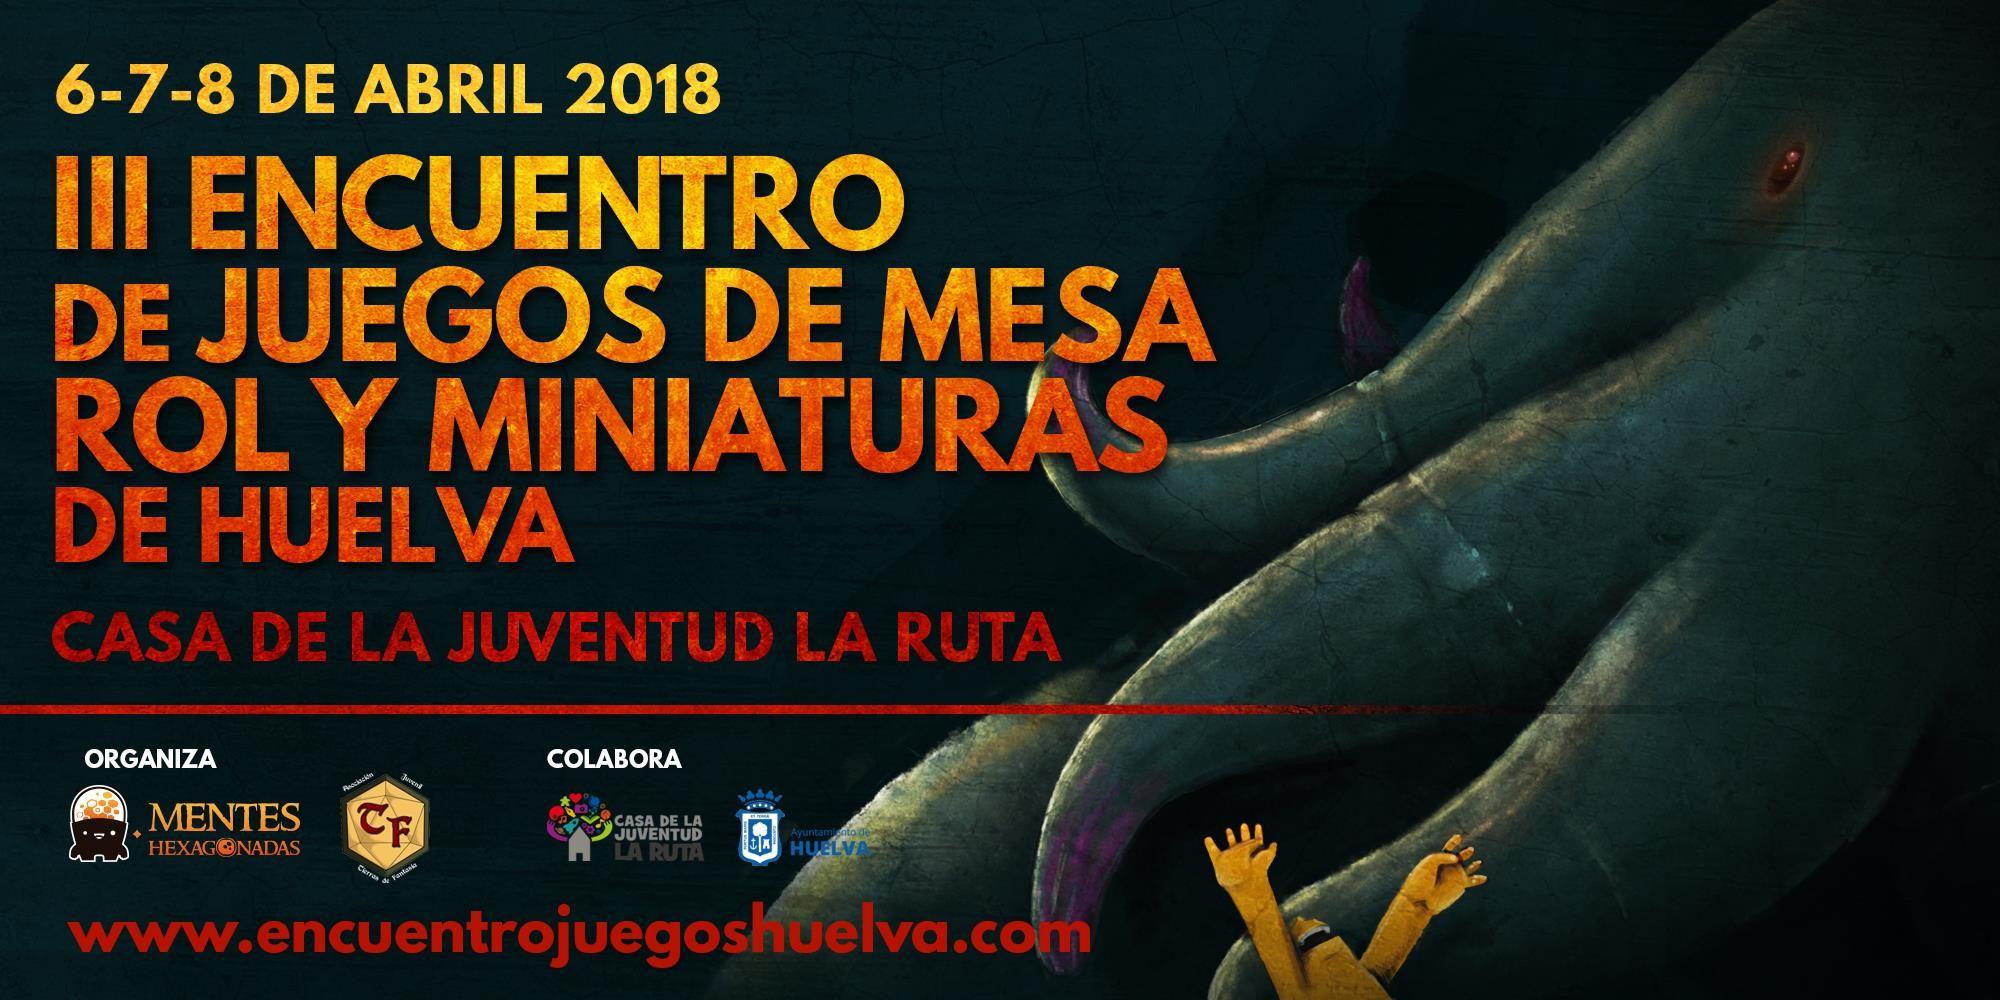 Jornadas de Juegos de Mesa, Rol y Miniaturas de Huelva